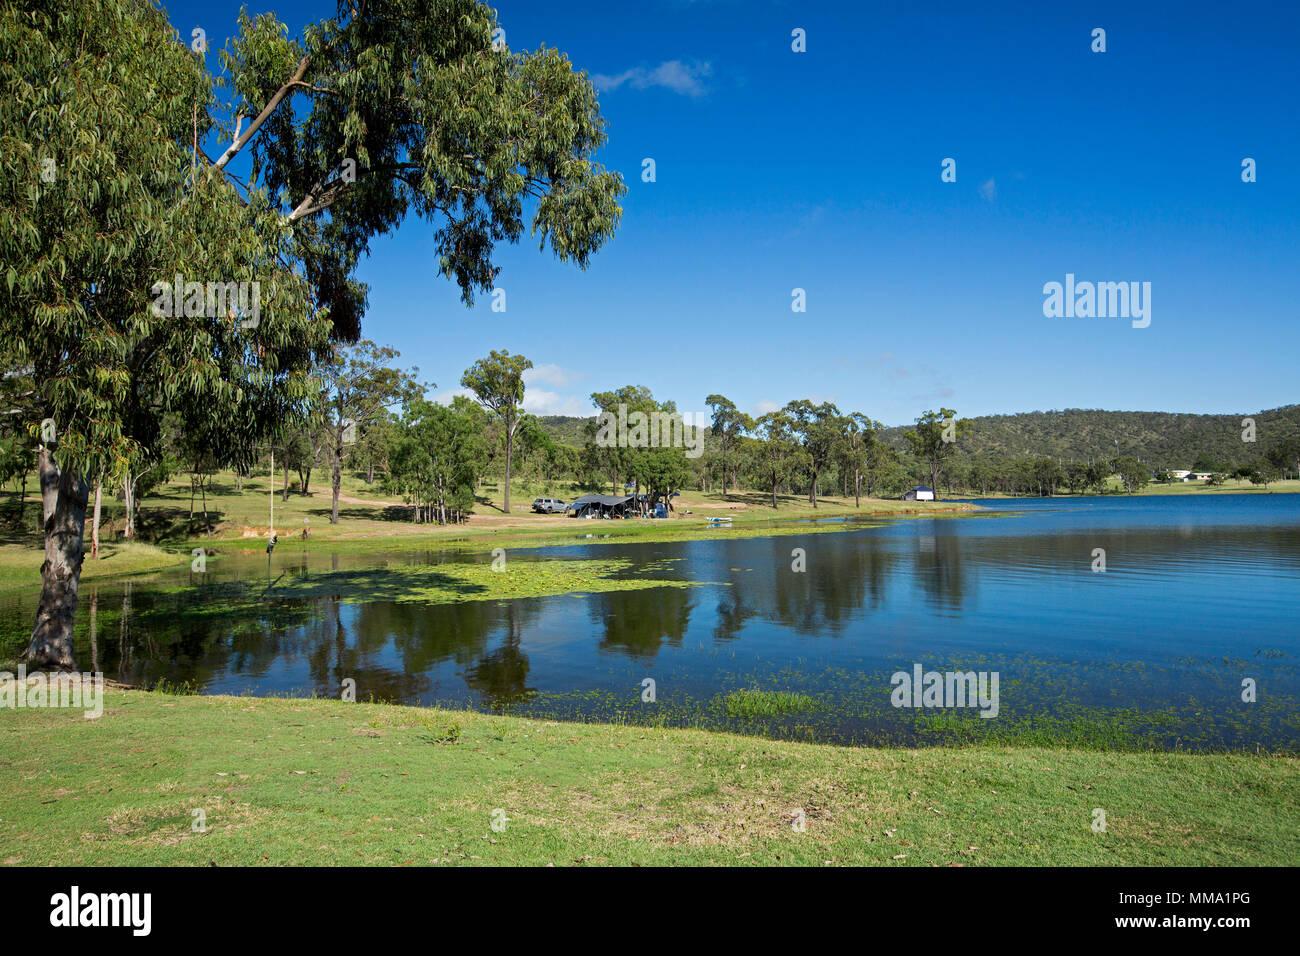 Paesaggio colorato con calme acque blu della diga Eungalla orlata da emerald erba e alberi di ombreggiatura sotto il cielo blu con camper sulla banca distanti Qld Aust Immagini Stock